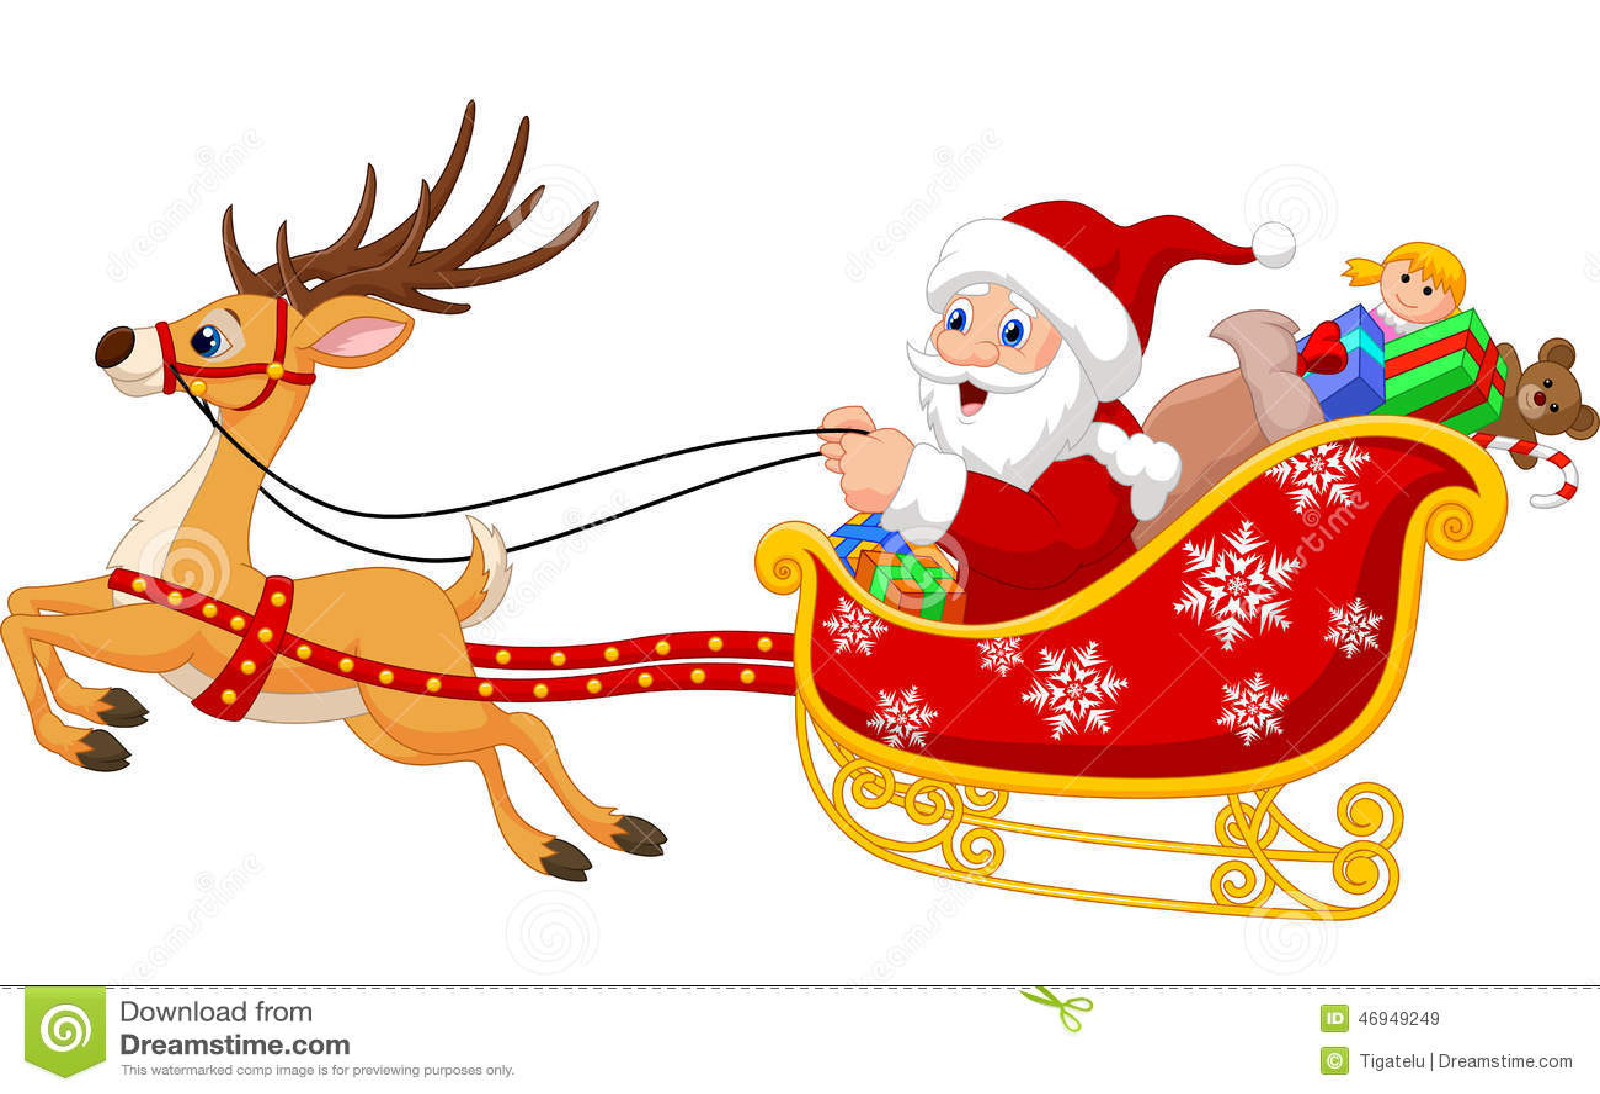 pap noel en su trineo de la navidad que es tirado por el. Black Bedroom Furniture Sets. Home Design Ideas